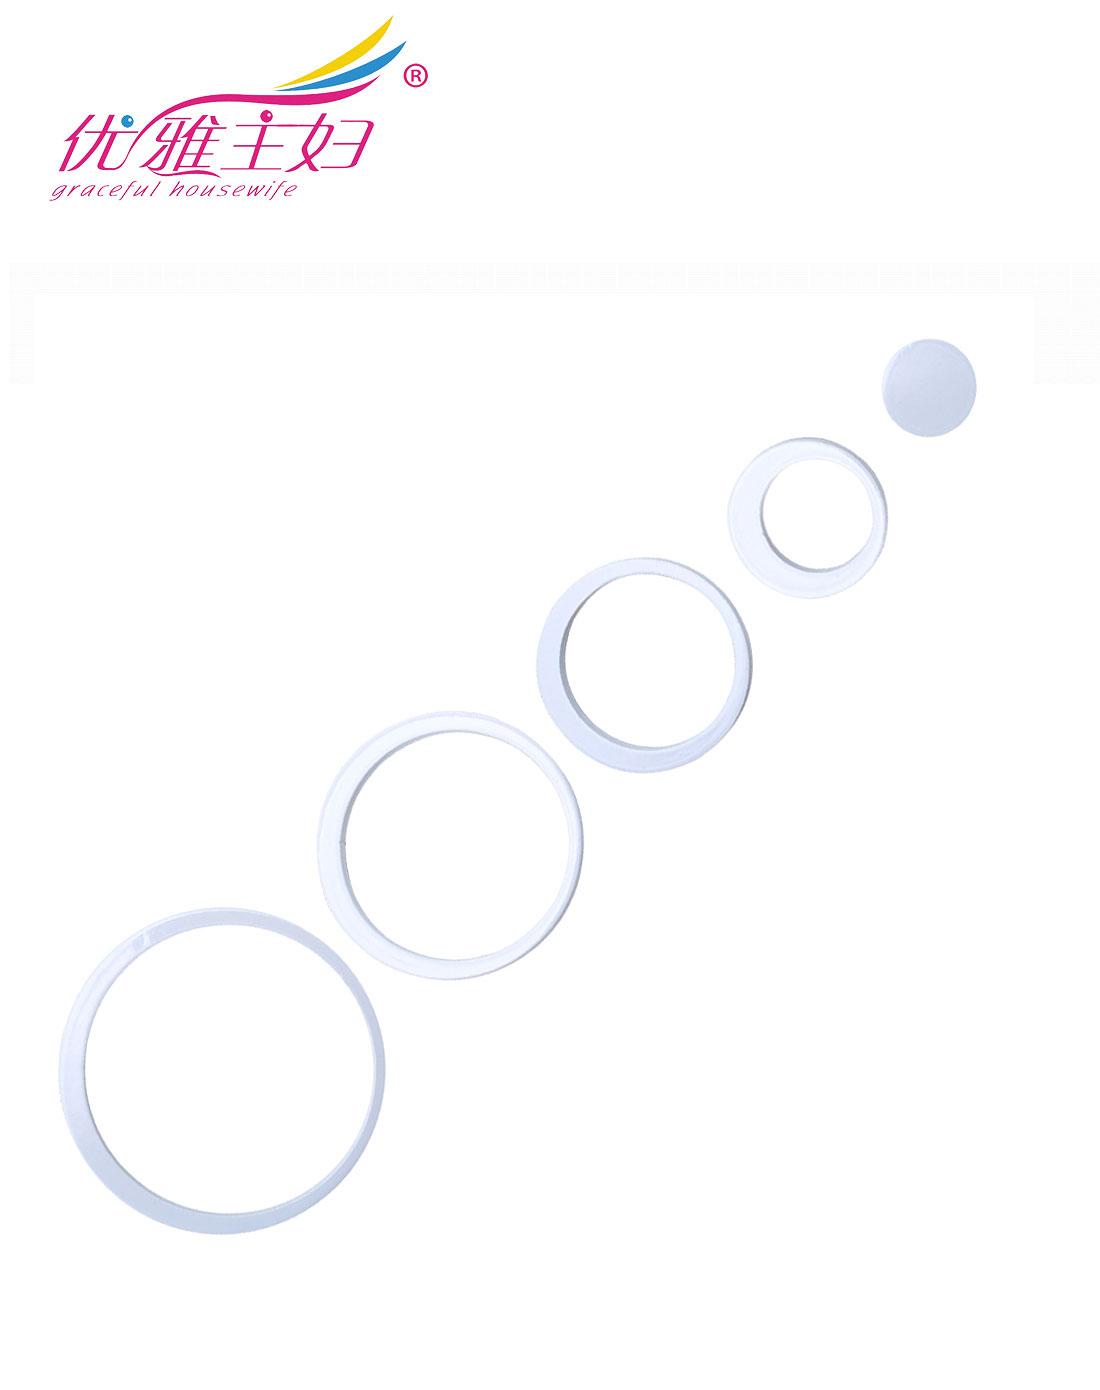 优雅主妇 白色创意圆环立体墙贴